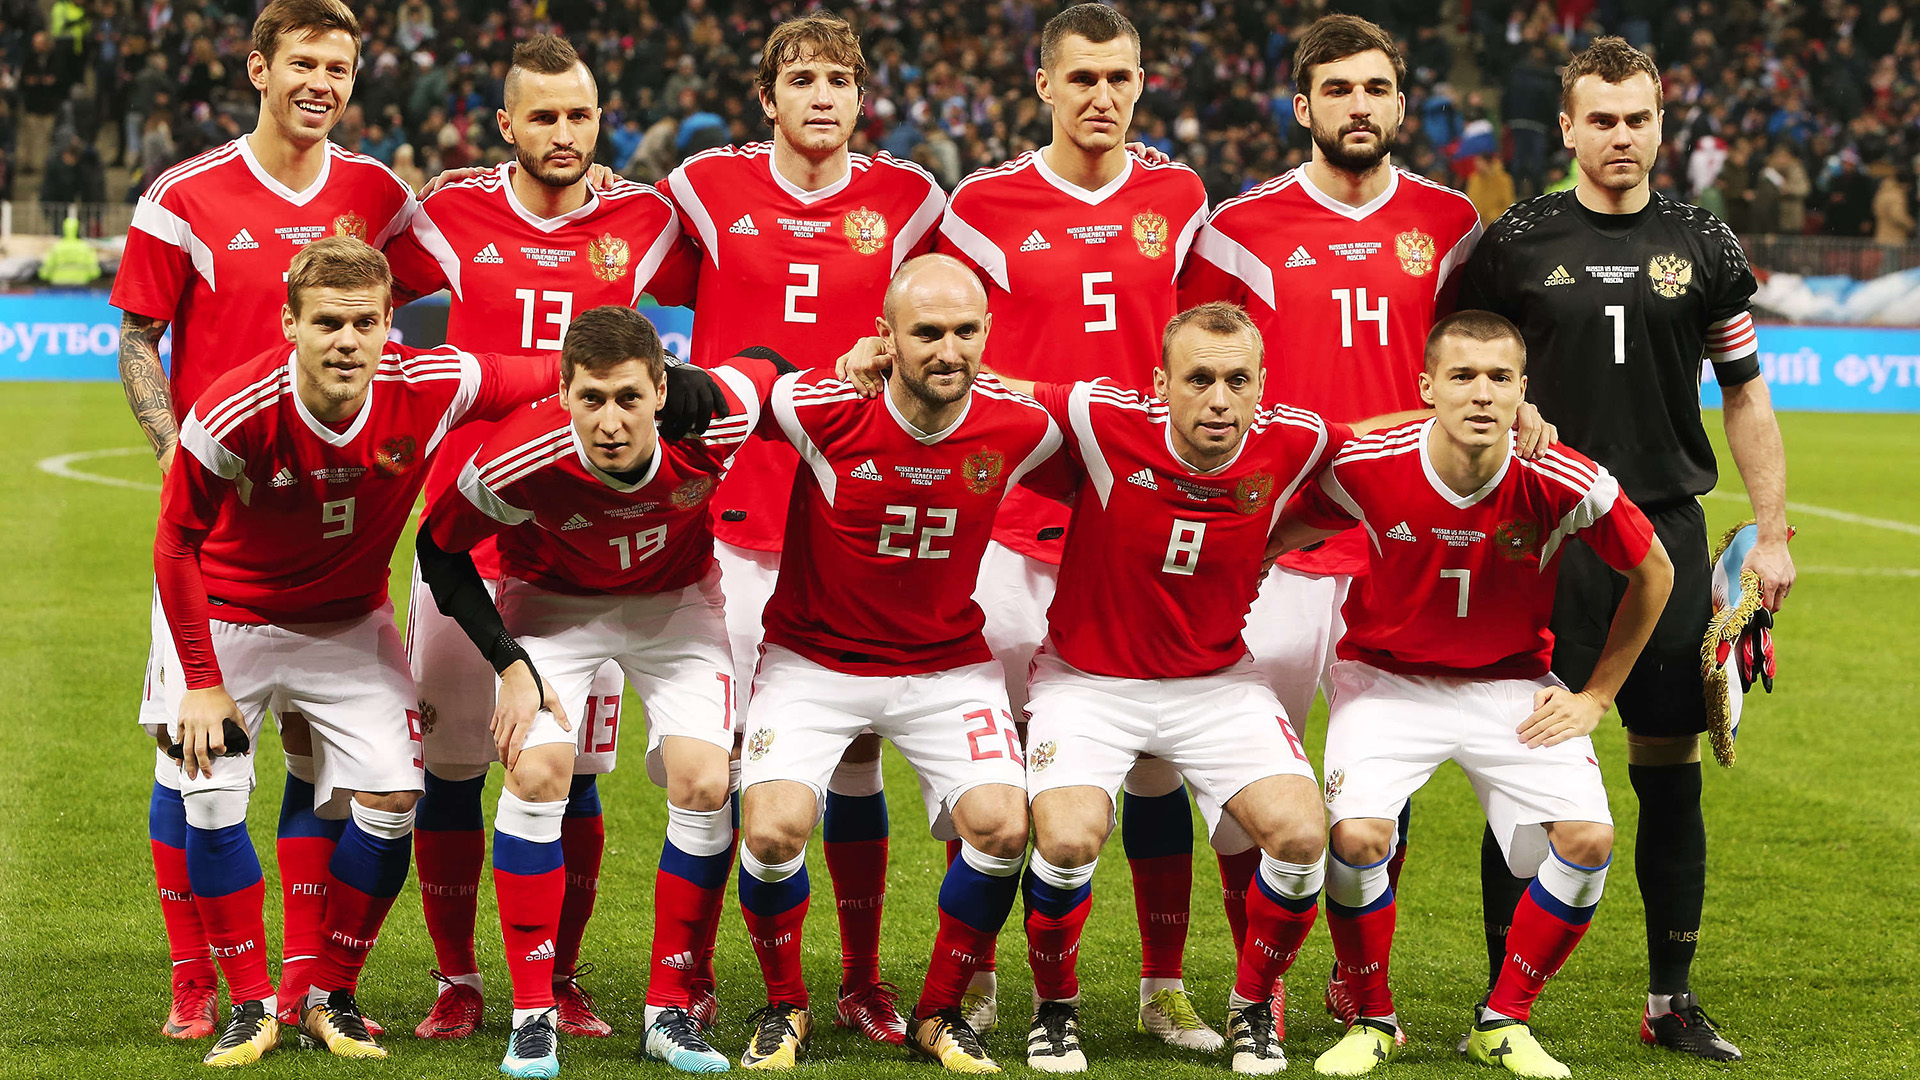 Con un promedio de edad de 27 años, el valor de Rusia es de 162,51 millones de dólares